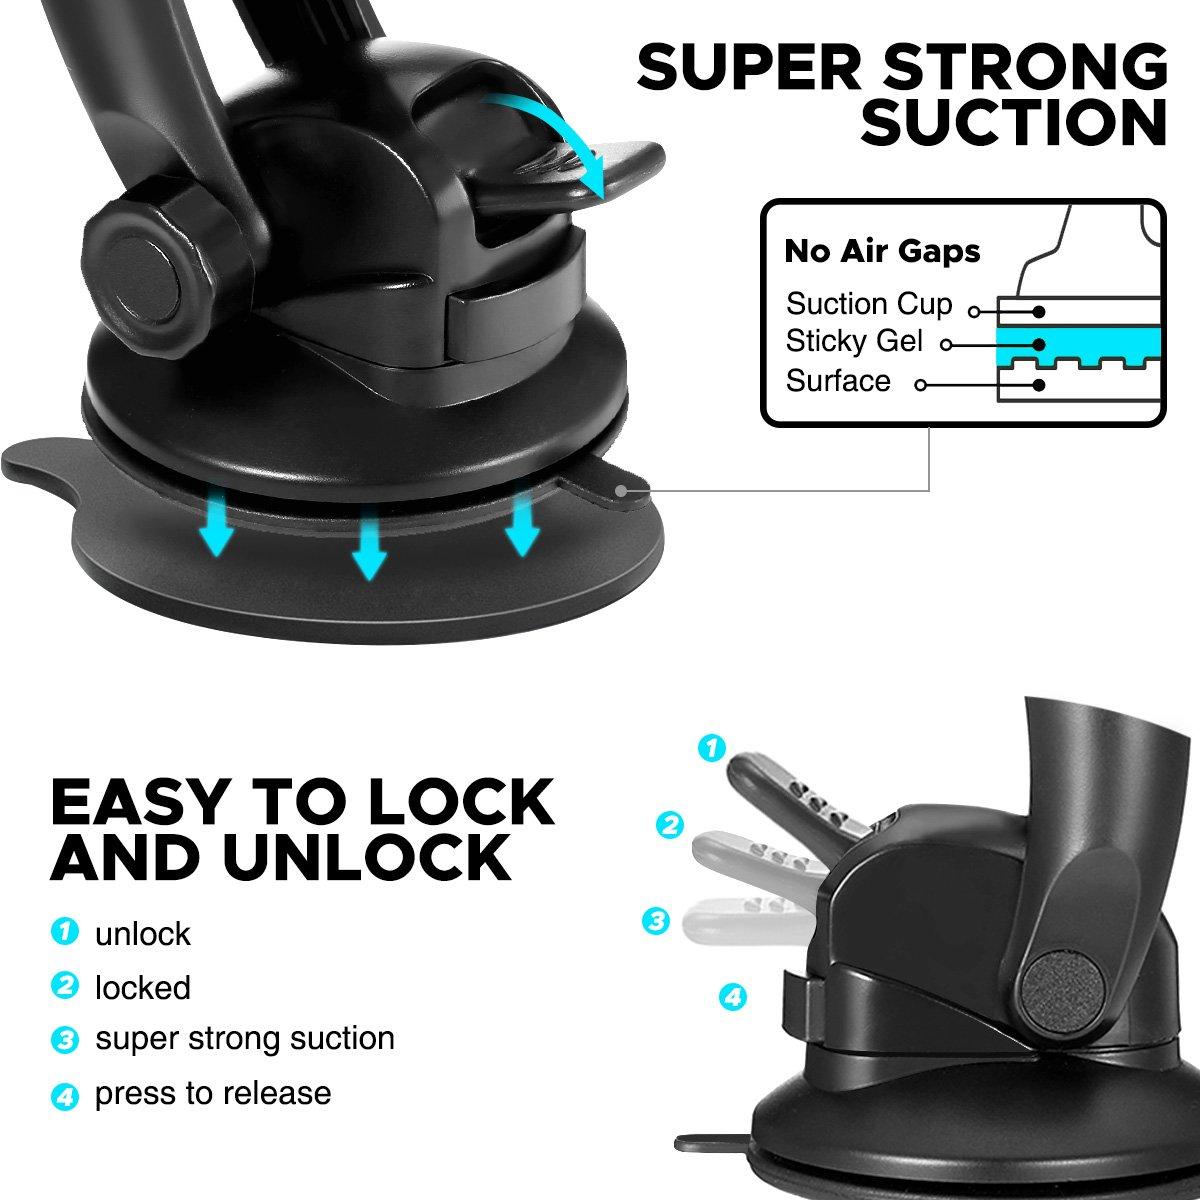 Car Electronics Accessories Car Cradles & Mounts invimalla.com.ec ...